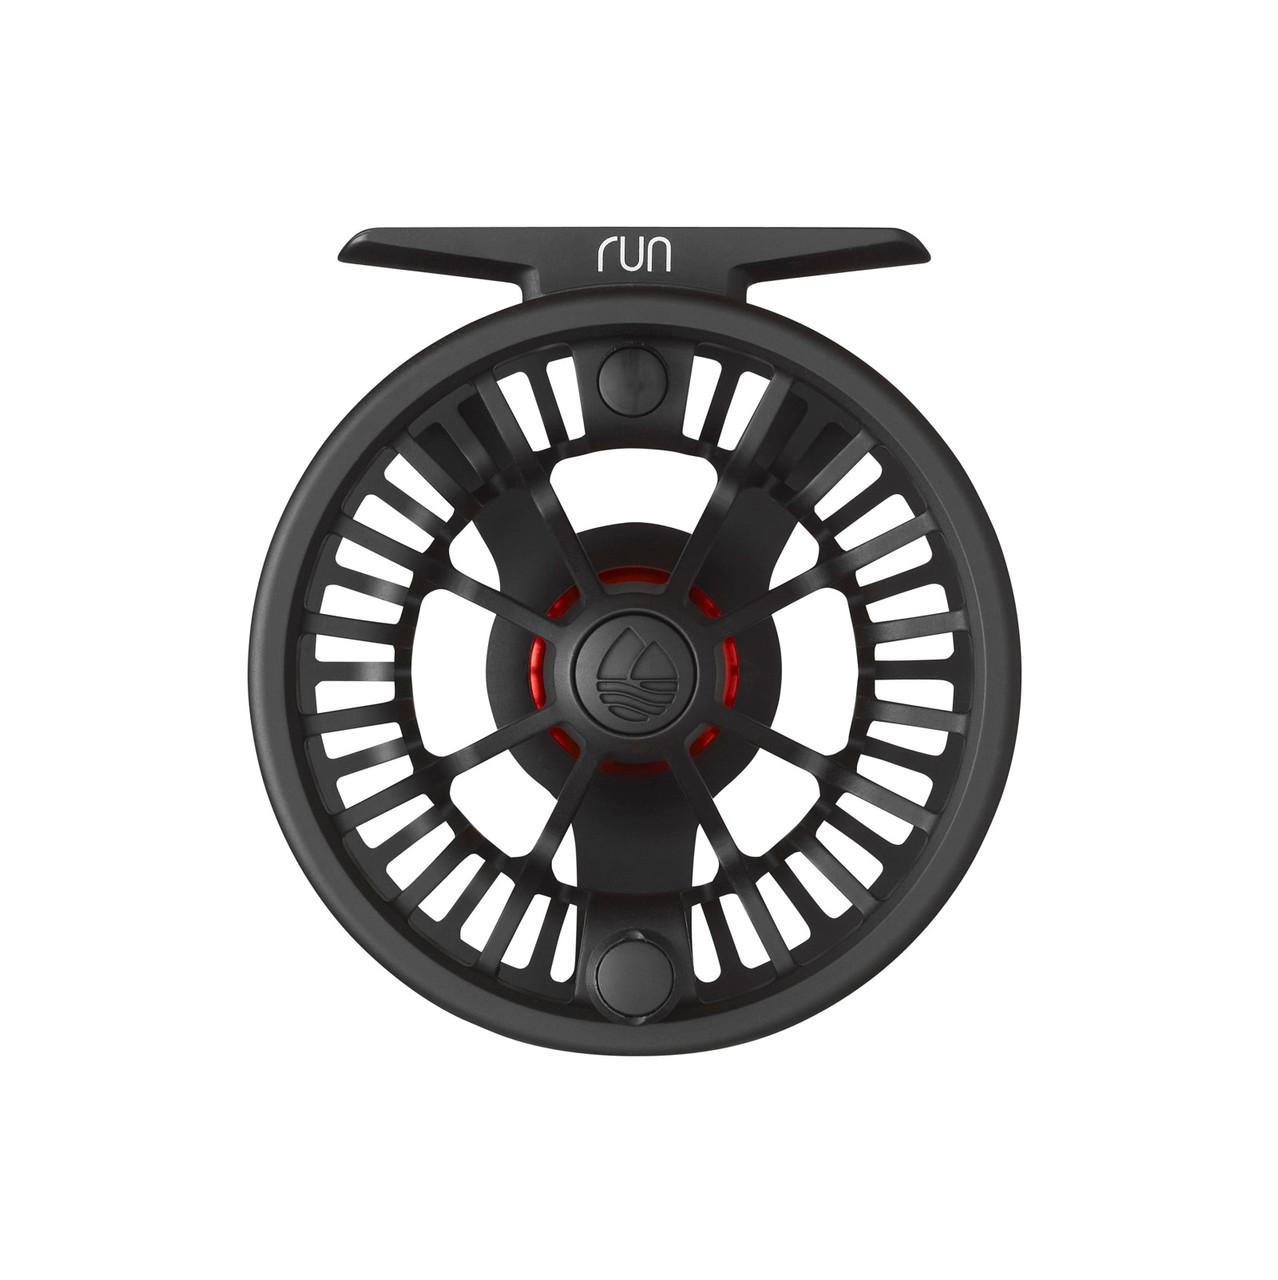 Redington Run Fly Fishing Reel